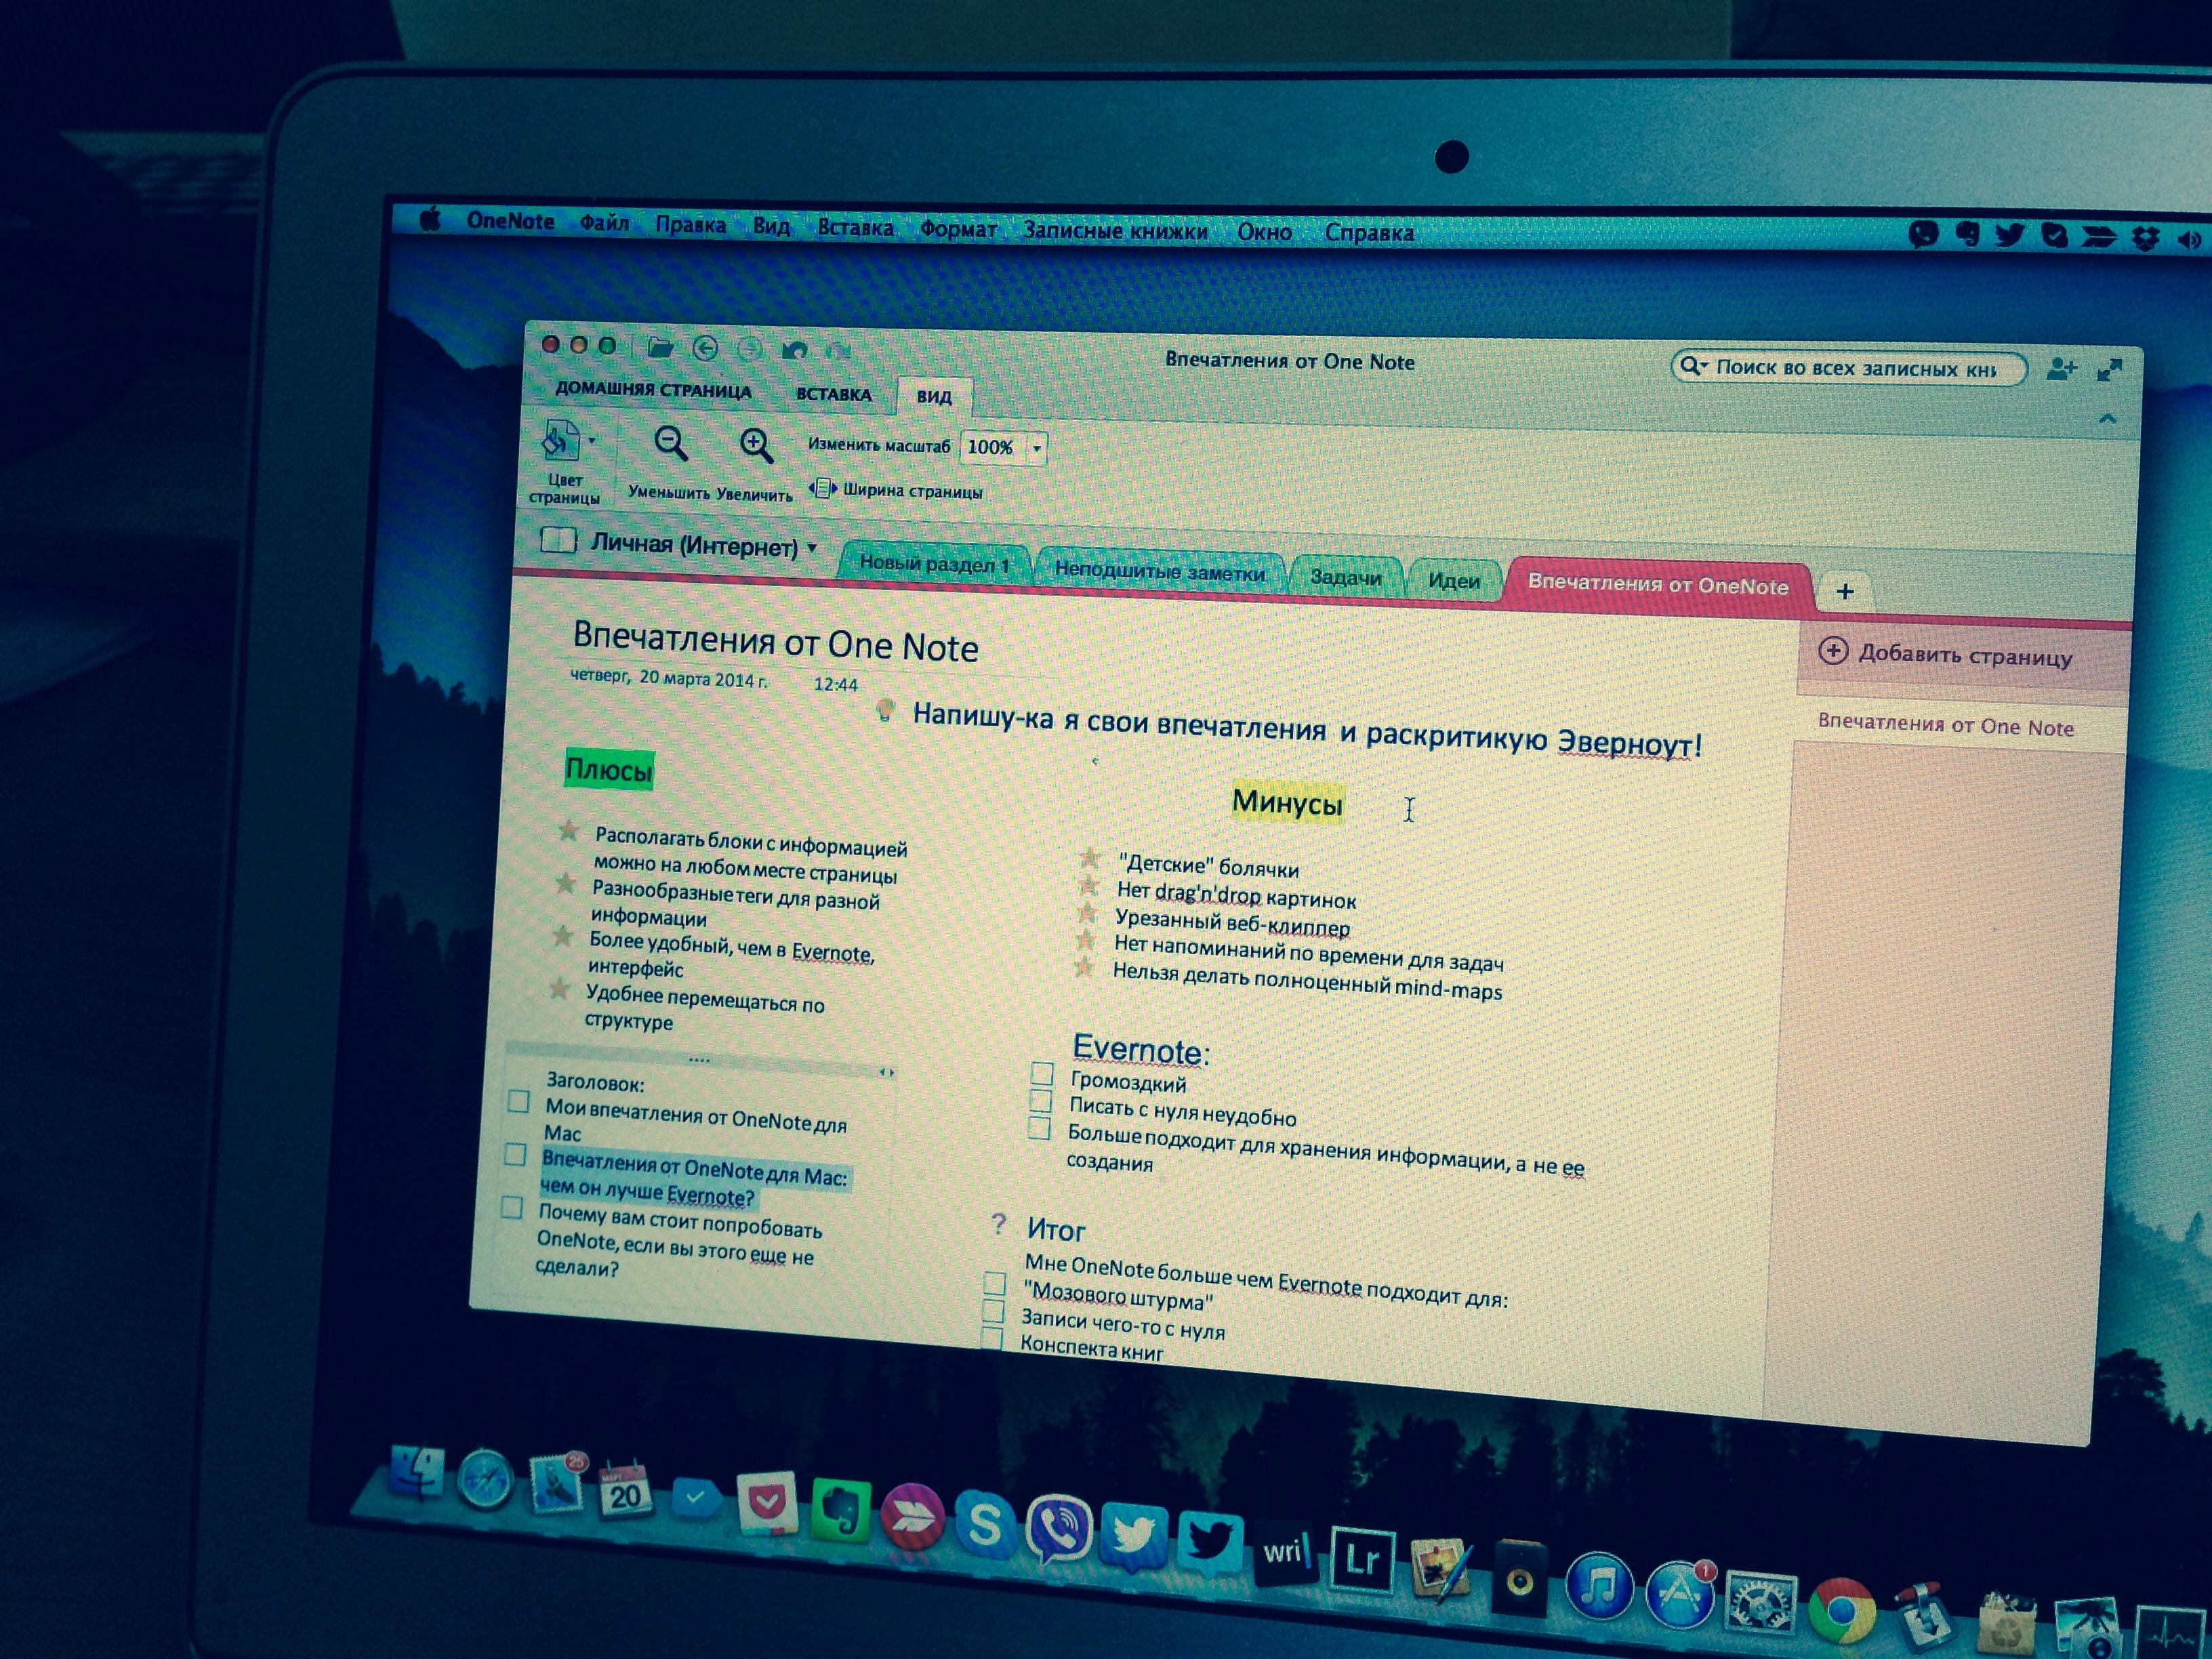 Впечатления от OneNote для Mac: почему стоит попробовать и чем он лучше Evernote